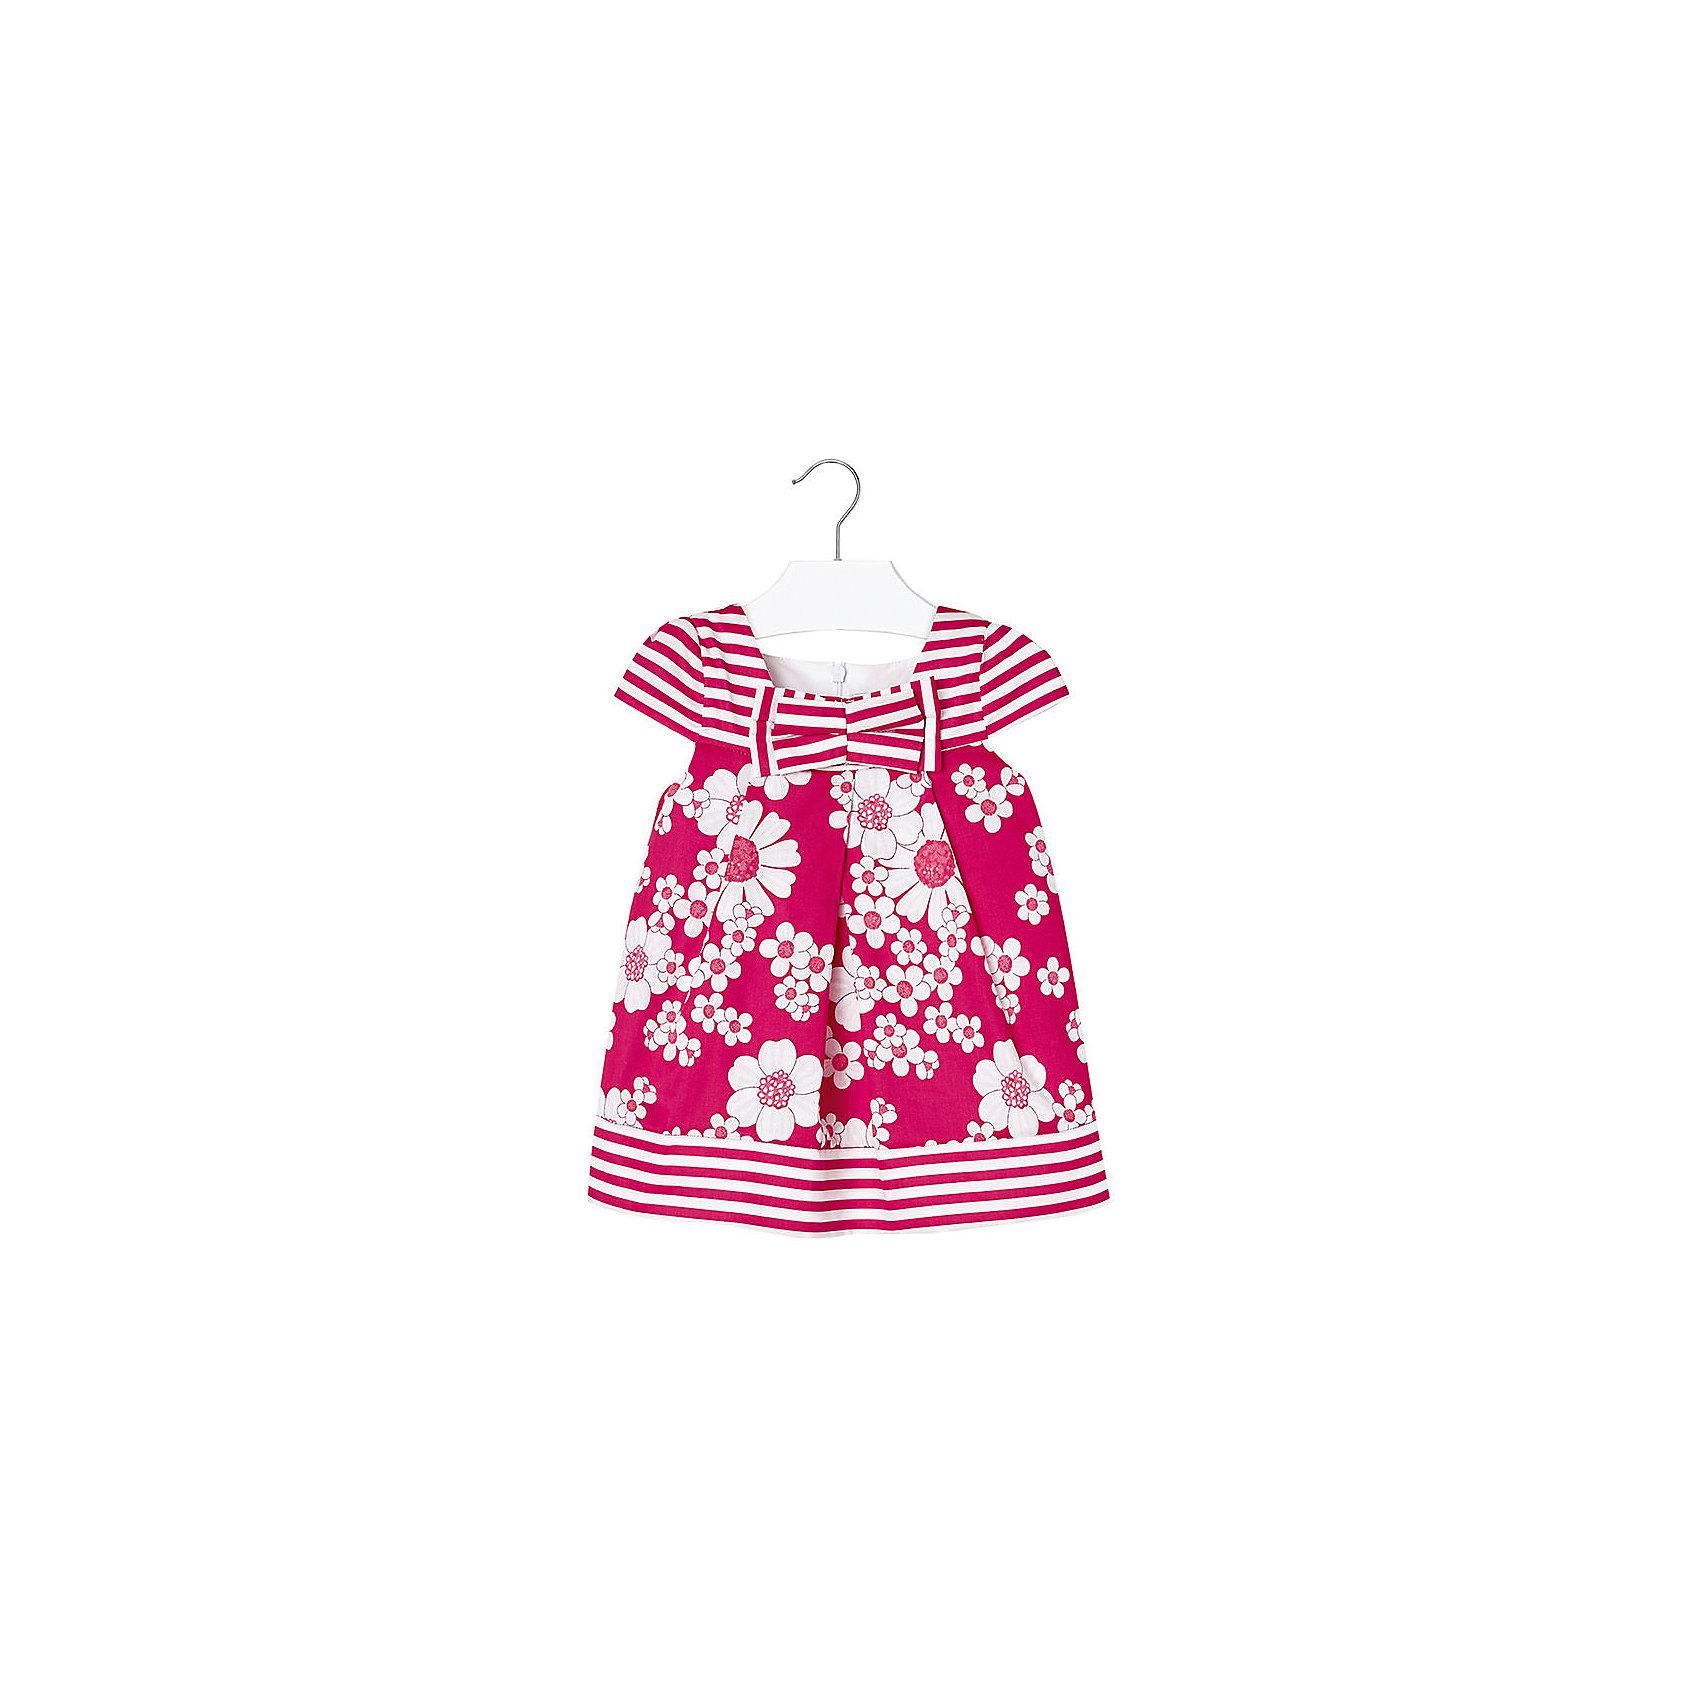 Платье для девочки MayoralОдежда<br>Очаровательное платье для девочки от известной испанской марки Mayoral - прекрасный вариант для теплой погоды. <br><br>Дополнительная информация:<br><br>- Мягкая, приятная к телу ткань. <br>- Округлый вырез горловины.<br>- Яркий цветочный принт и полоска.<br>- Бантик на груди. <br>- Застегивается на молнию на спине. <br>- Состав: верх - 100 % хлопок; подкладка - 35% хлопок, 65 % полиэстер.<br><br>Платье для девочки Mayoral (Майорал) можно купить в нашем магазине.<br><br>Ширина мм: 236<br>Глубина мм: 16<br>Высота мм: 184<br>Вес г: 177<br>Цвет: красный<br>Возраст от месяцев: 6<br>Возраст до месяцев: 9<br>Пол: Женский<br>Возраст: Детский<br>Размер: 74,92,86,80<br>SKU: 4538046